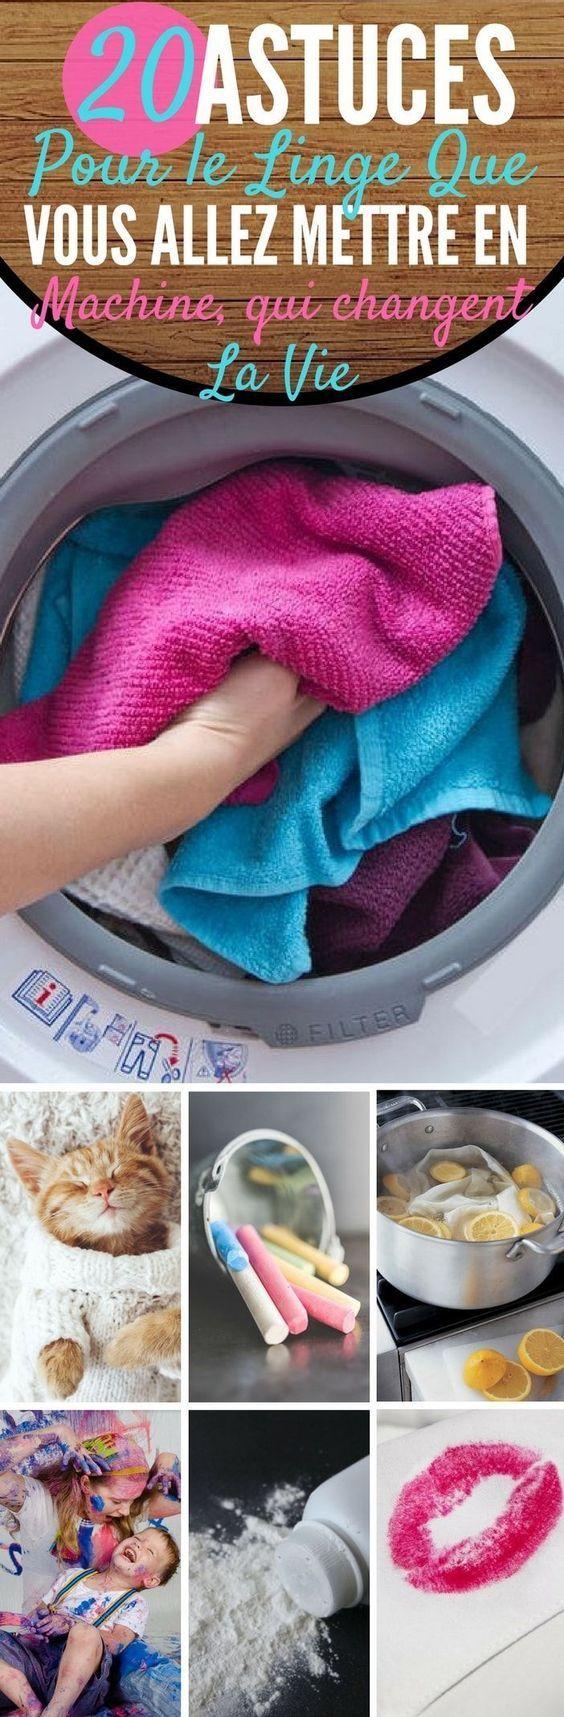 machine a laver : 20 astuces qui changent la vie ! | diy | pinterest